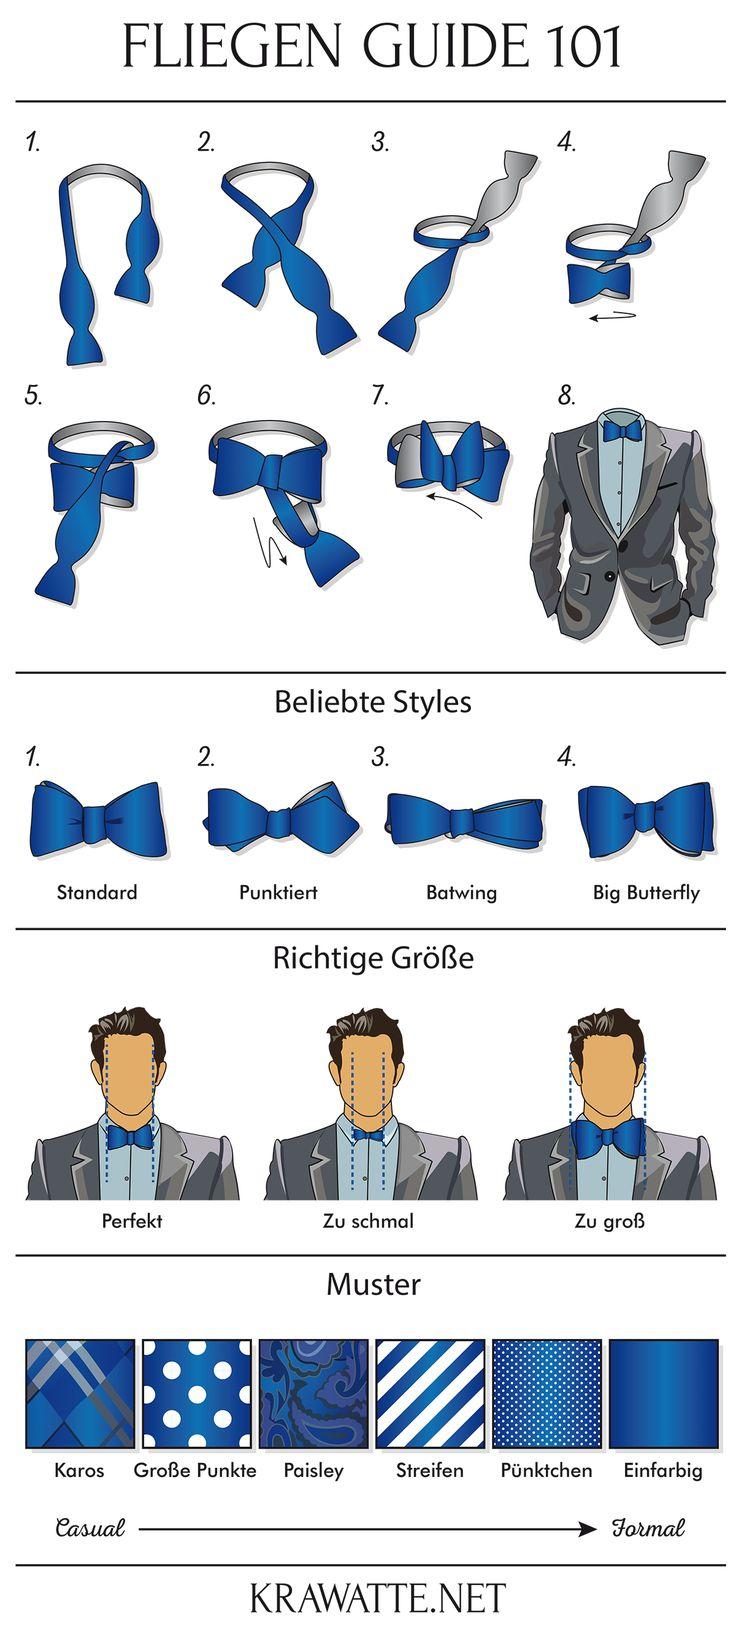 Unser Fliegen Guide 101 für die perfekte Schleife. Mehr Infos auf unserem Blog: https://www.krawatte.net/Herrenmode-Blog/fliege-zum-anzug-tragen-101-guide/